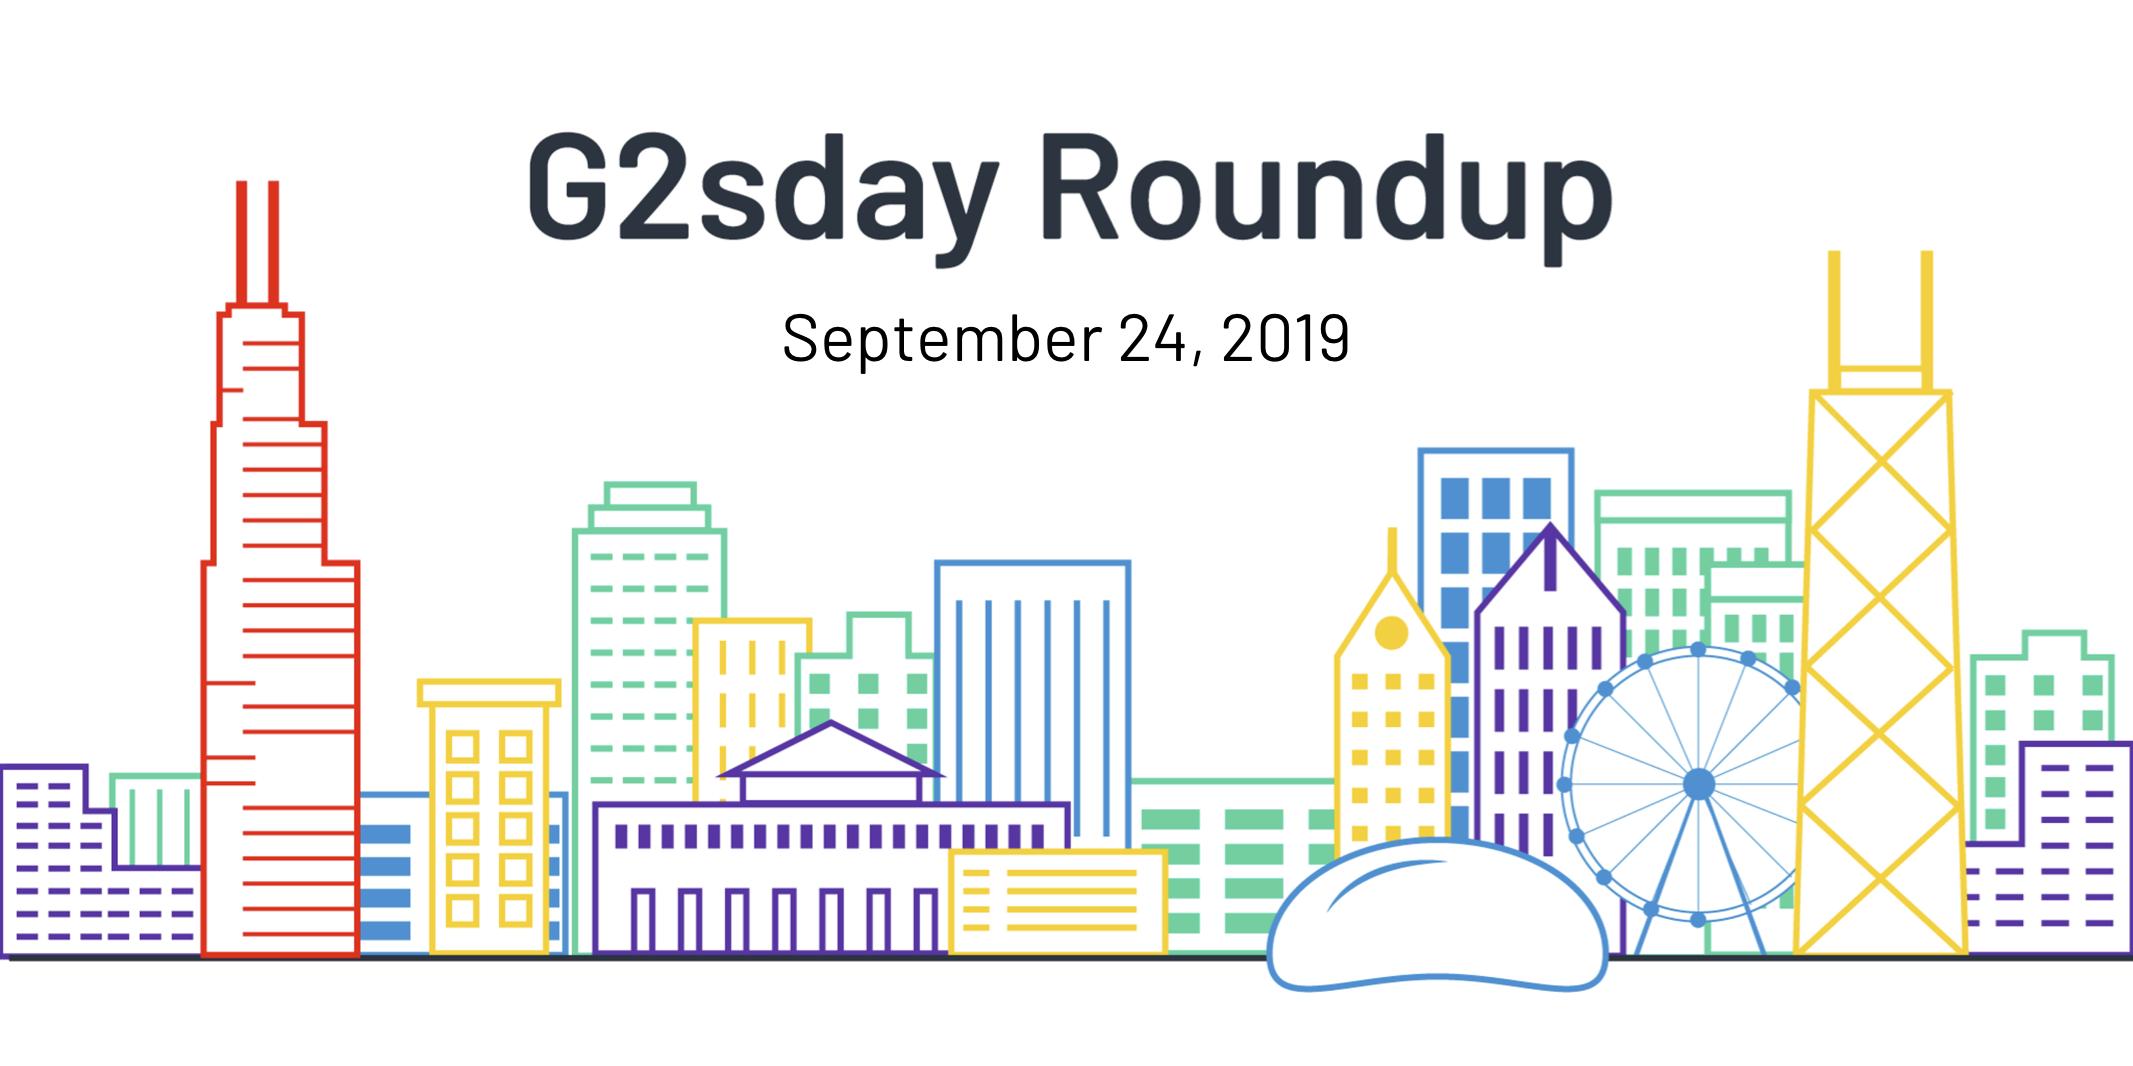 G2sday Roundup September 24 2019